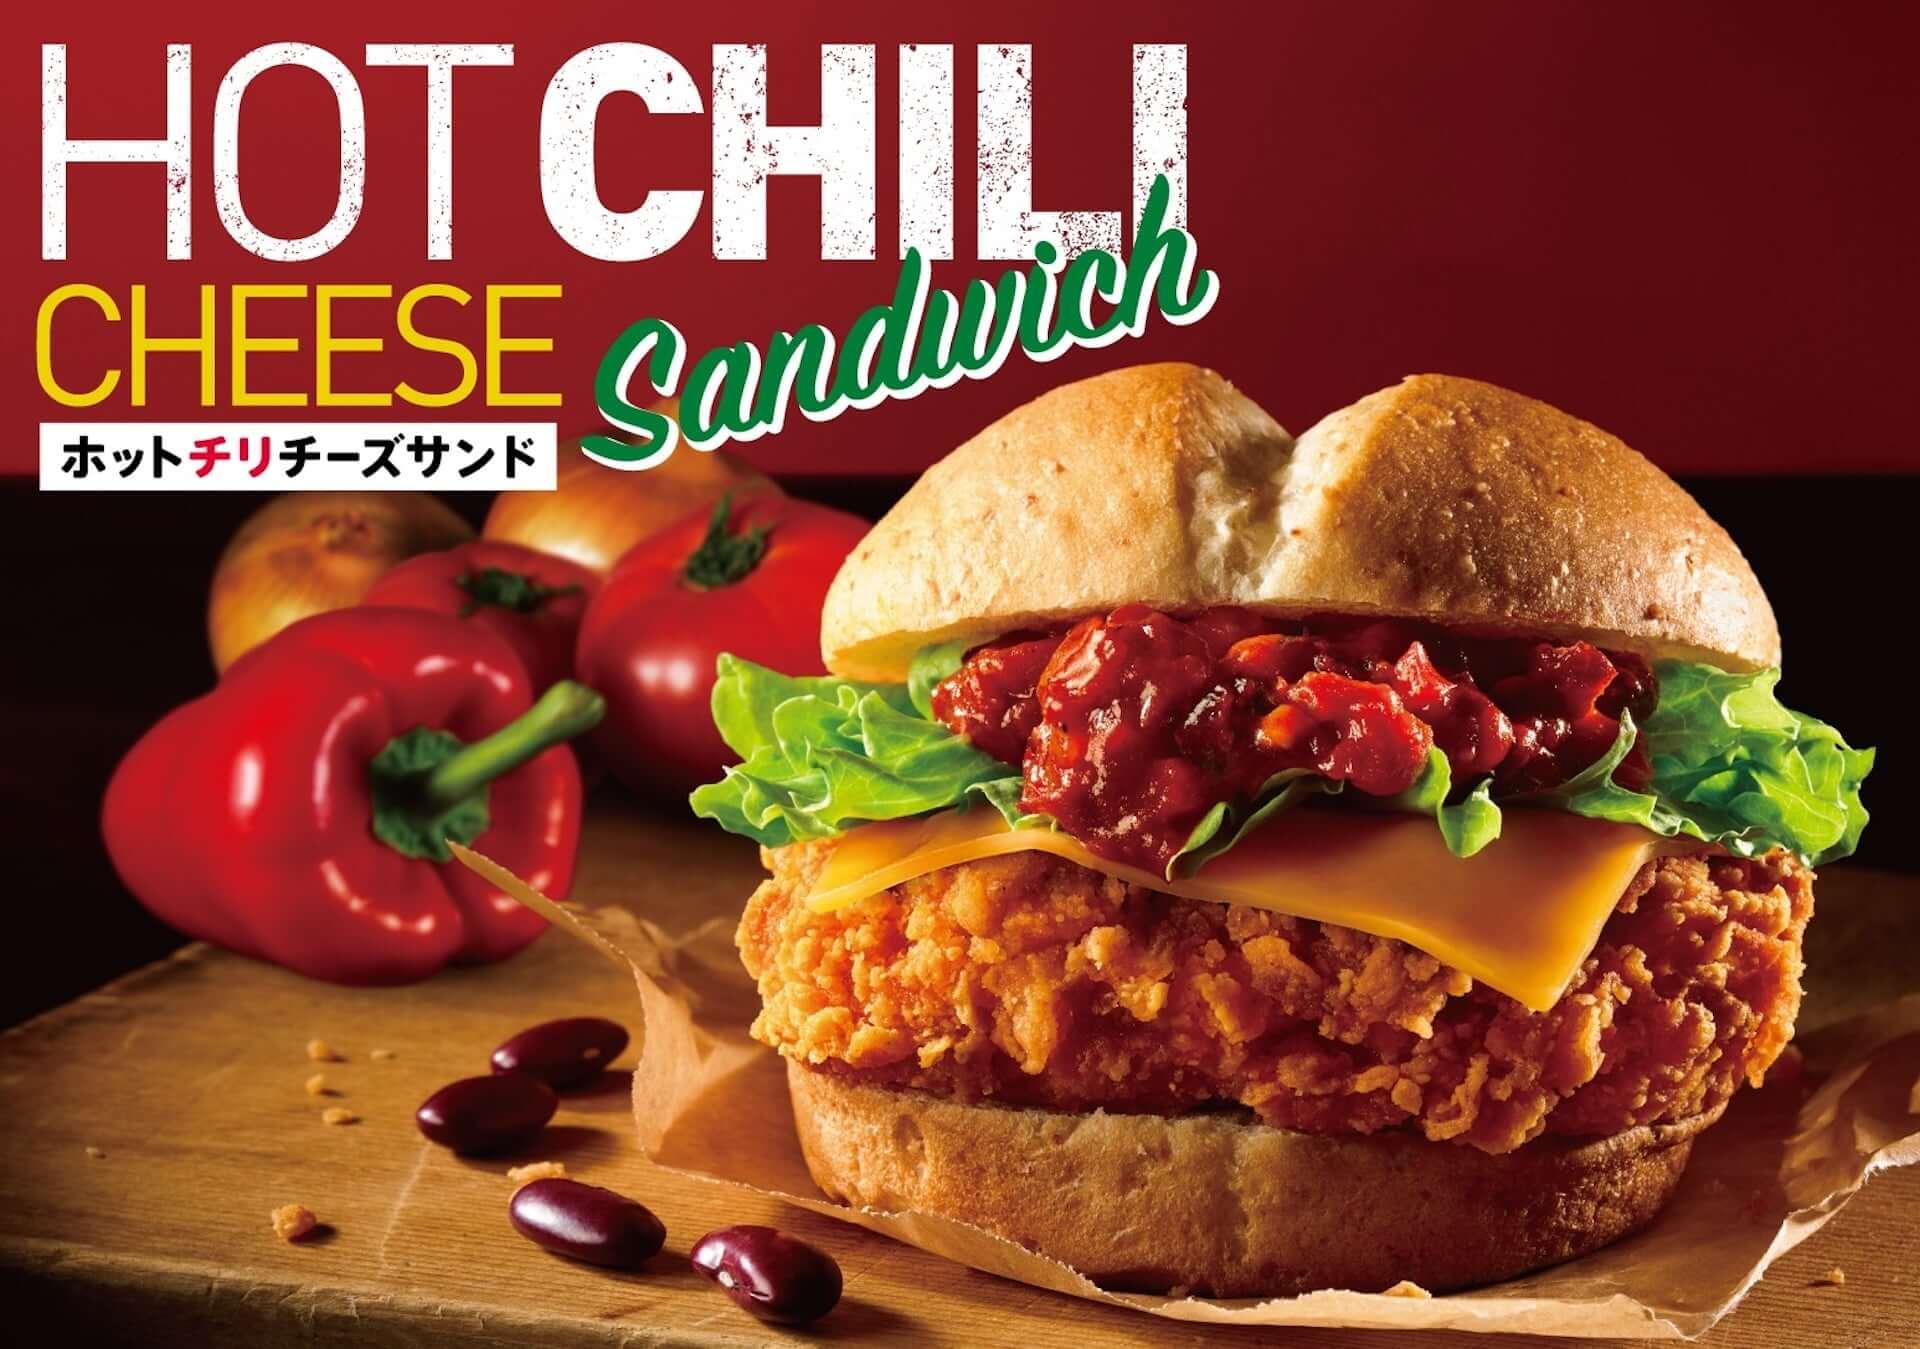 暑い夏はケンタッキーフライドチキンの辛口サンドで決まり!新商品『ホットチリチーズサンド』が限定販売決定 gourmet200717_kfc_4-1920x1349